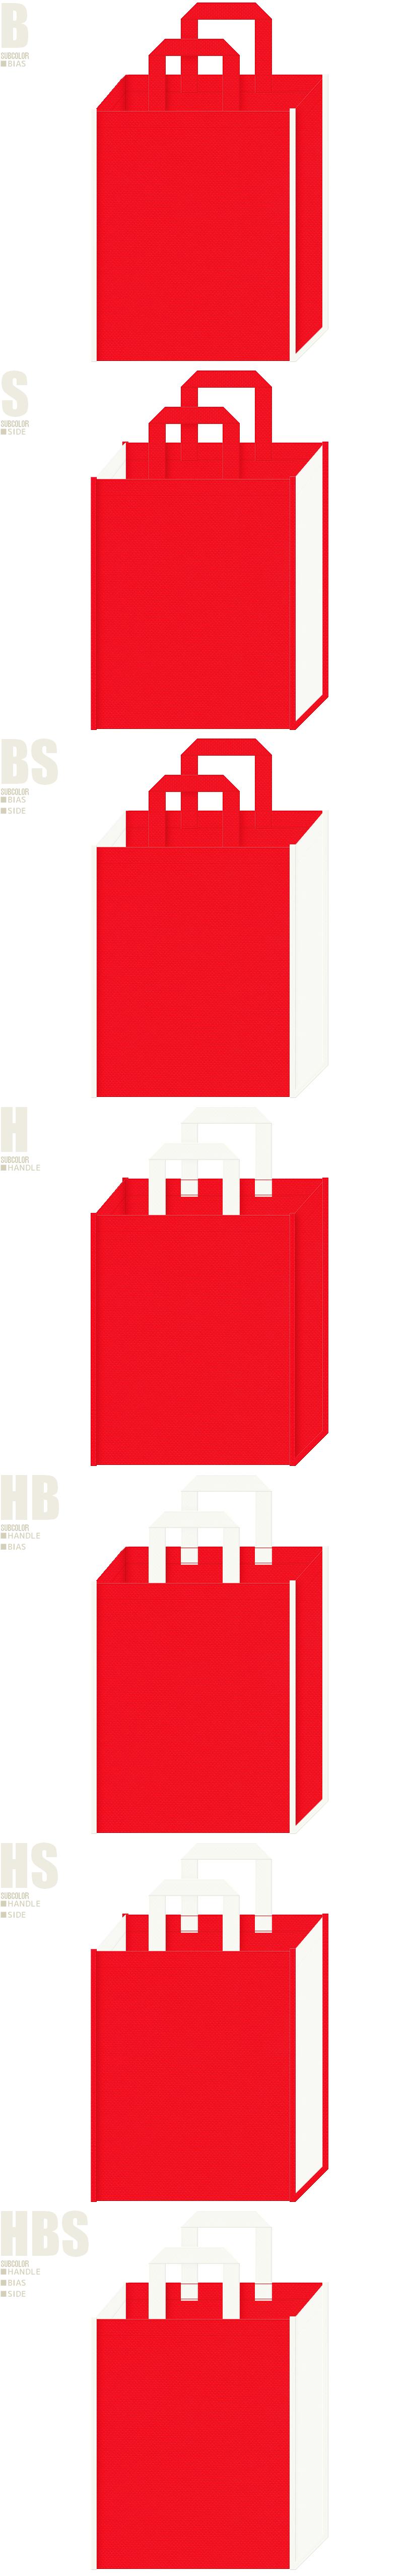 サンタクロース・ショートケーキ・クリスマスのイメージにお奨めの不織布バッグデザイン:赤色とオフホワイト色の配色7パターン